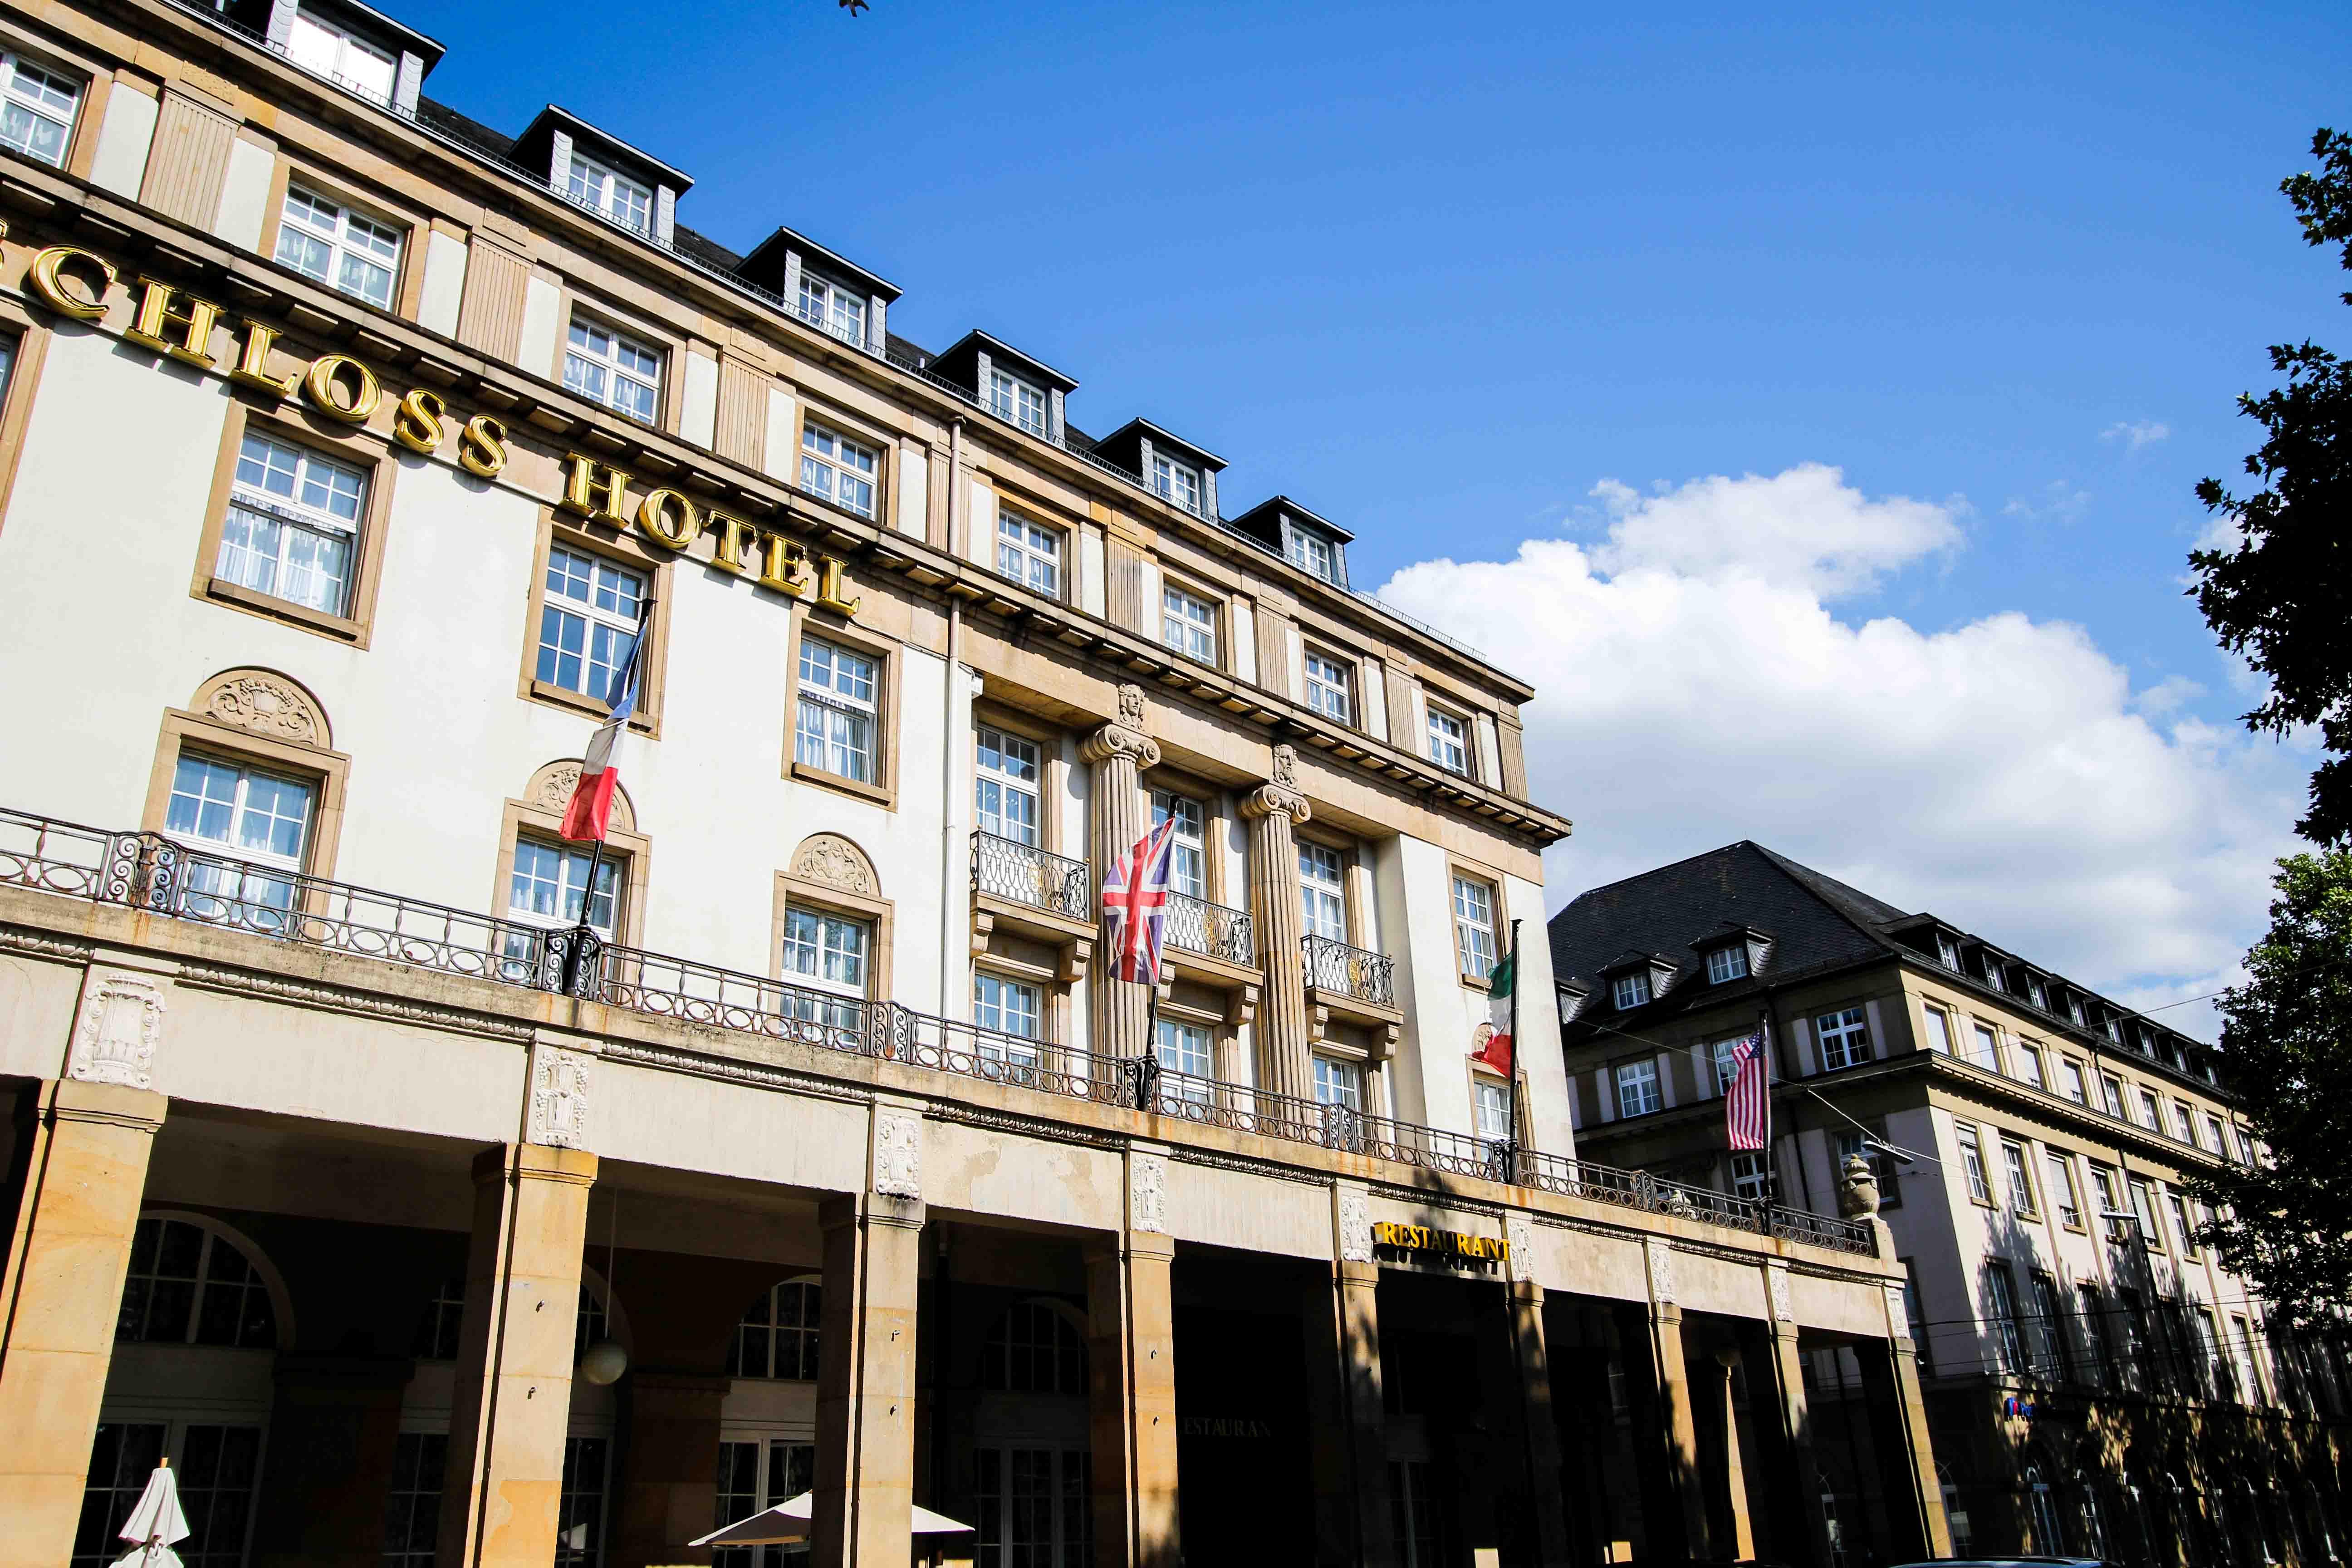 Schlosshotel Karlsruhe Luxushotel Hotel Review Reiseblog Brinisfashionbook